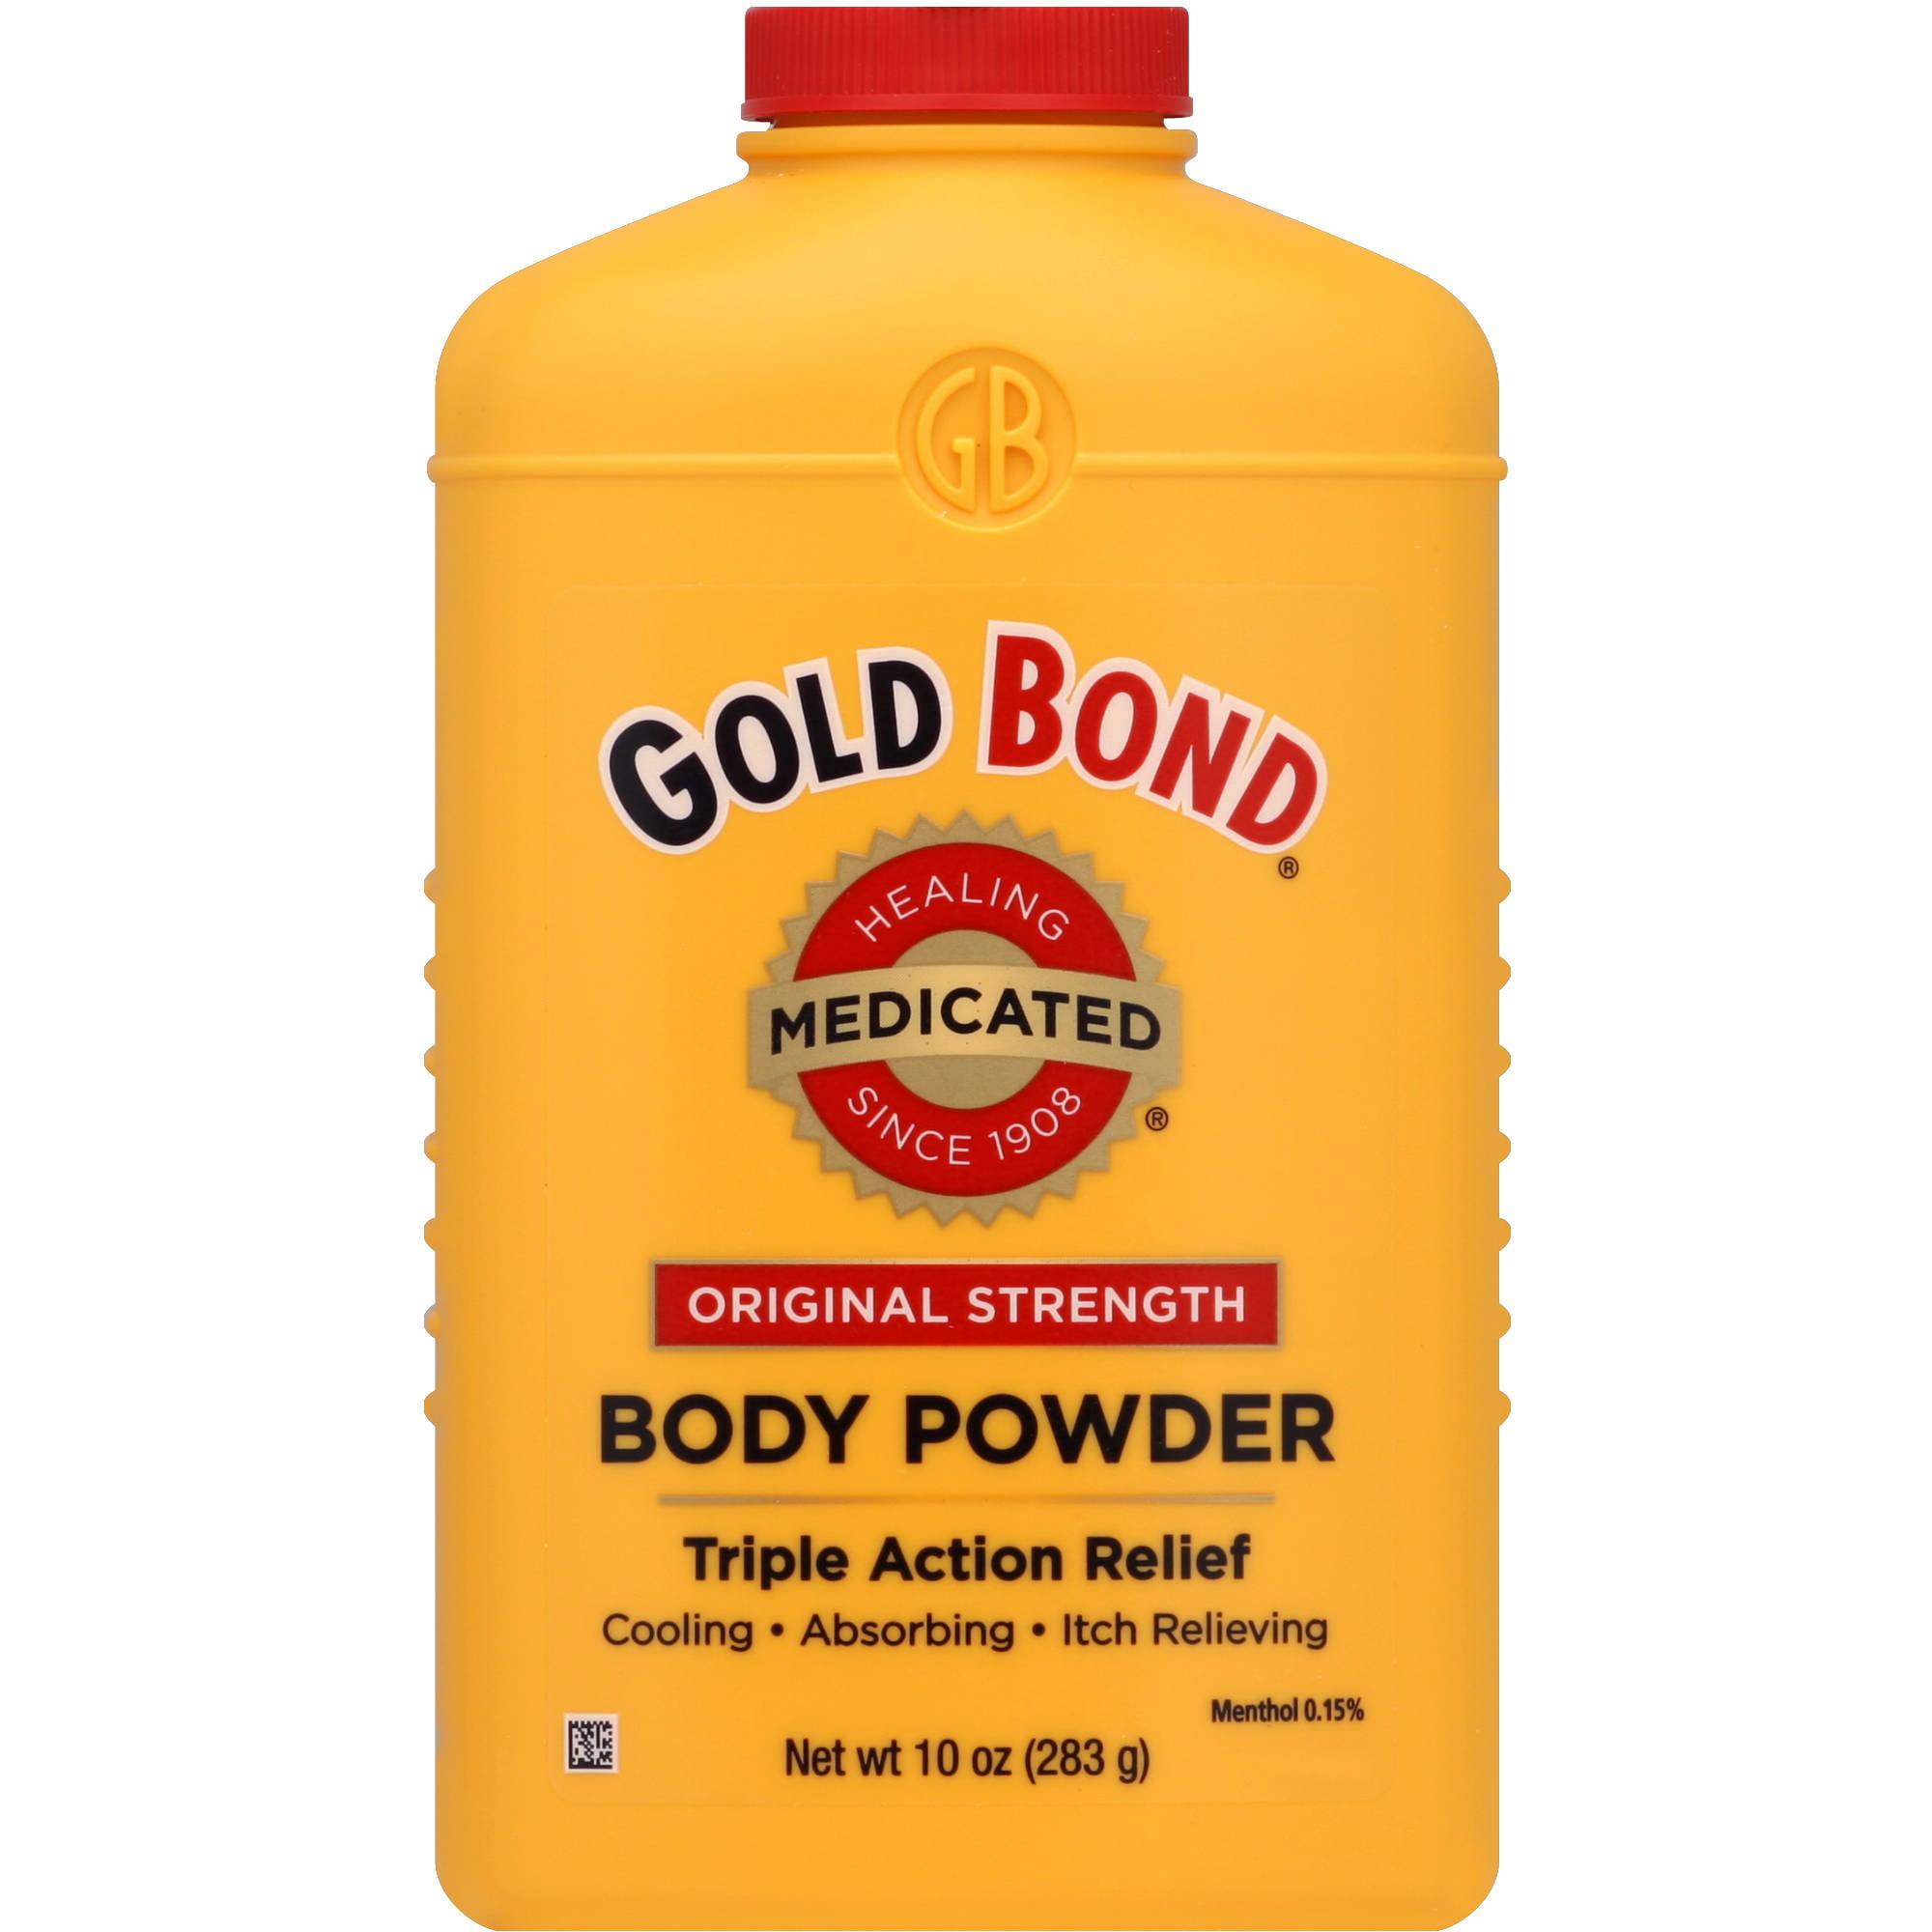 Gold Bond Original Strength Body Powder, 10 oz